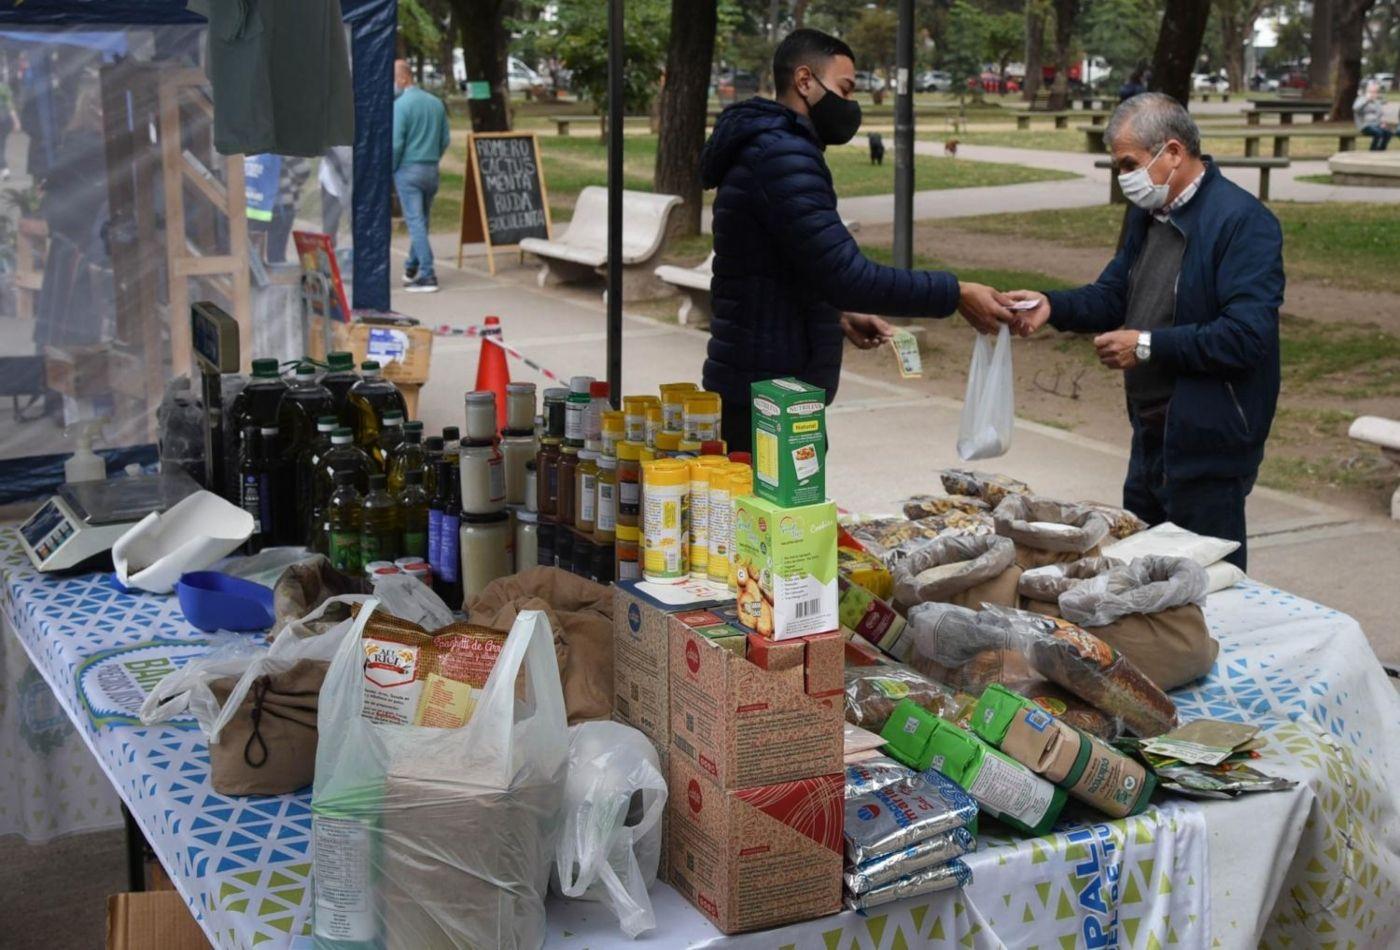 El Mercado en tu Barrio vuelve a Lanús: dónde y cuándo estará